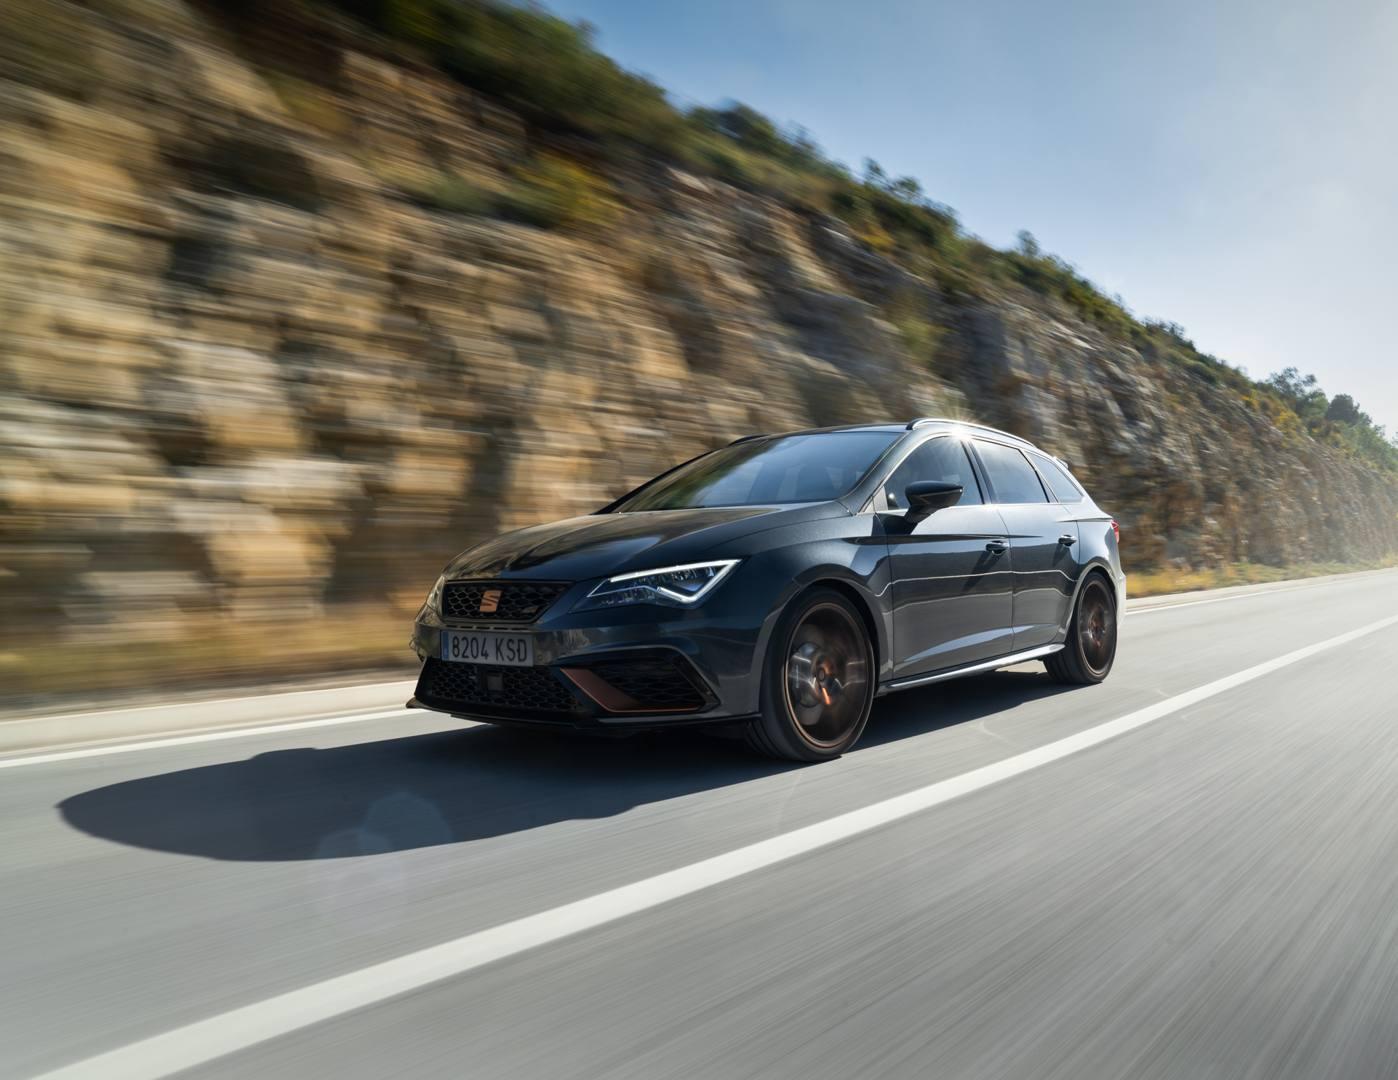 La familiare spagnola è spinta dal 2 litri turbo da 300 Cv e ha la trazione integrale 4Drive. Comoda in autostrada, divertente nel misto. In Italia in primavera, prezzo da definire